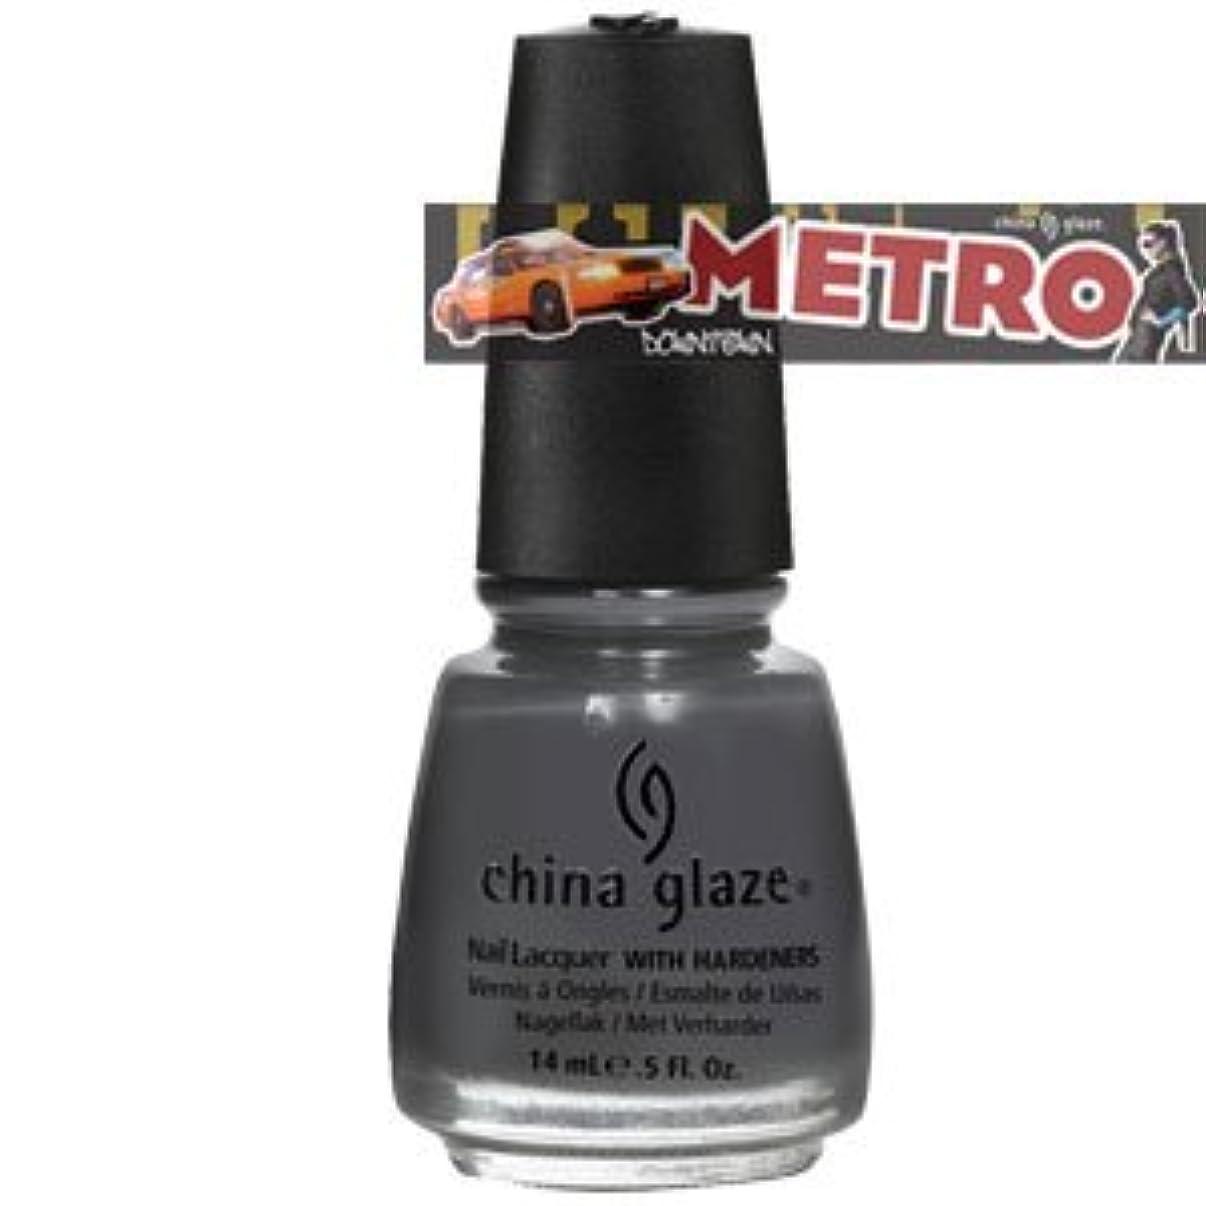 著作権放射するタイヤ(チャイナグレイズ)China Glaze メトロコレクション? Concrete Catwalk [海外直送品][並行輸入品]